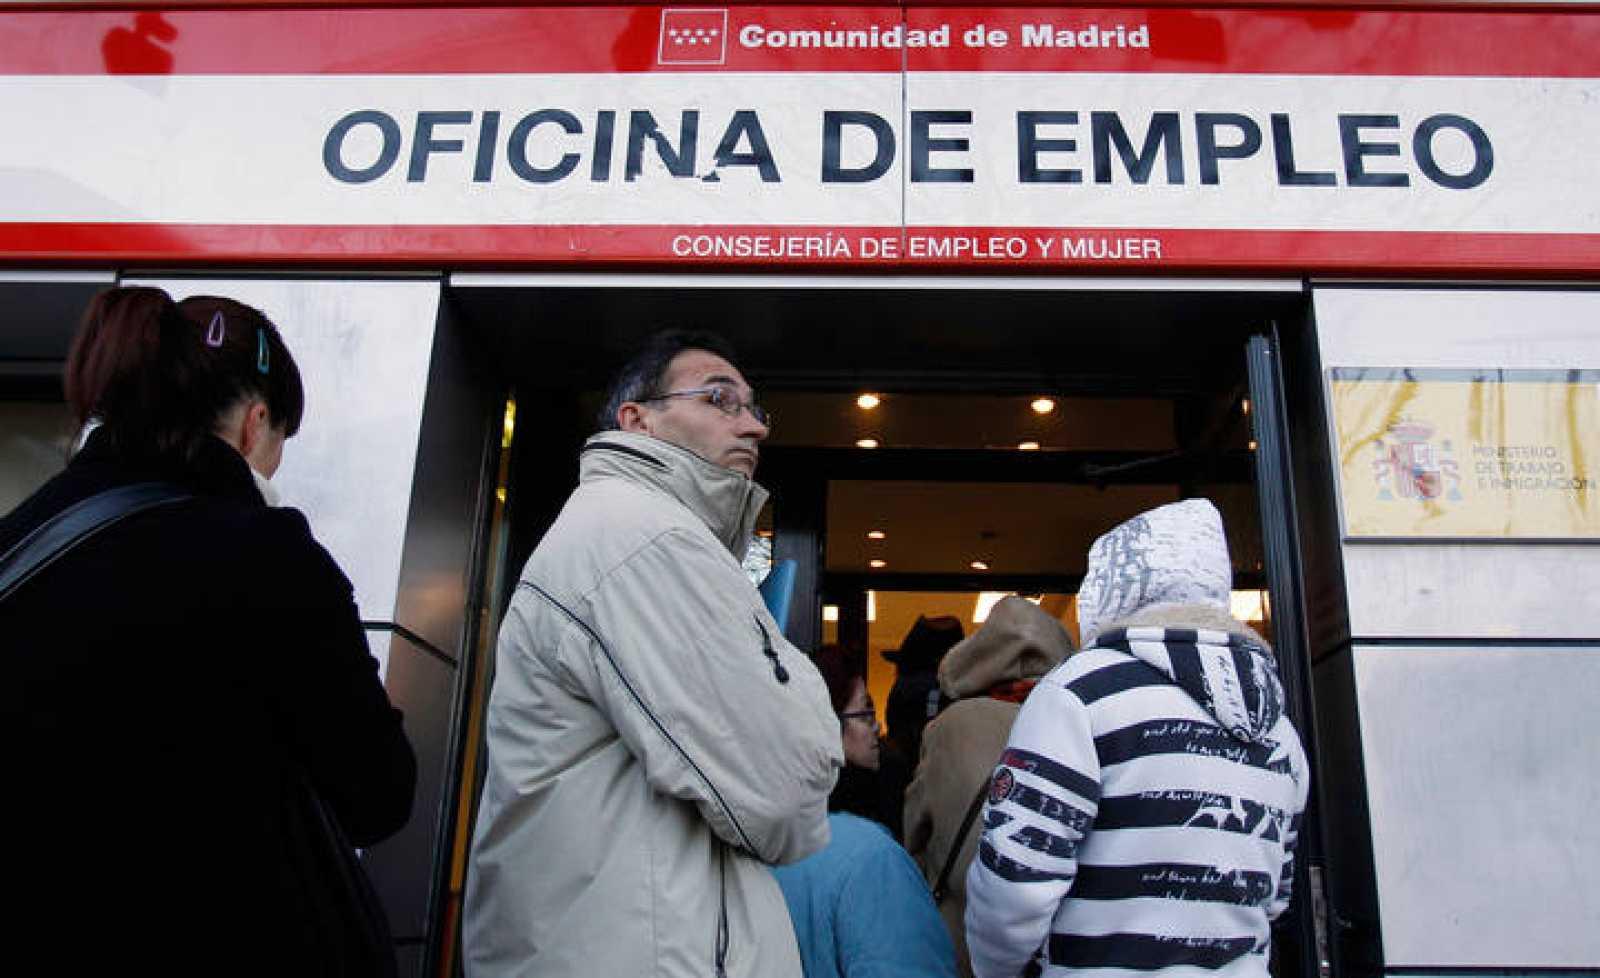 La preocupación por el desempleo afecta al 82,9% de los españoles